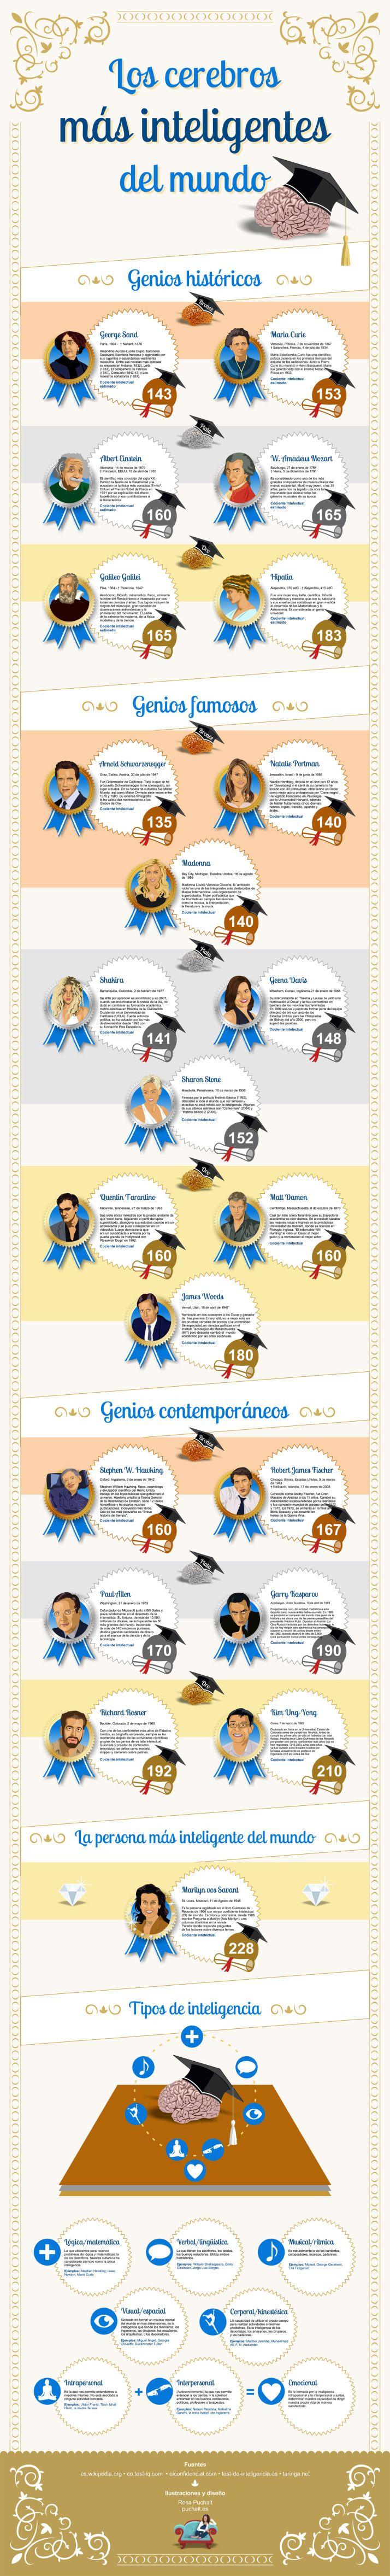 Los cerebros más inteligentes del Mundo #infografia #infographic